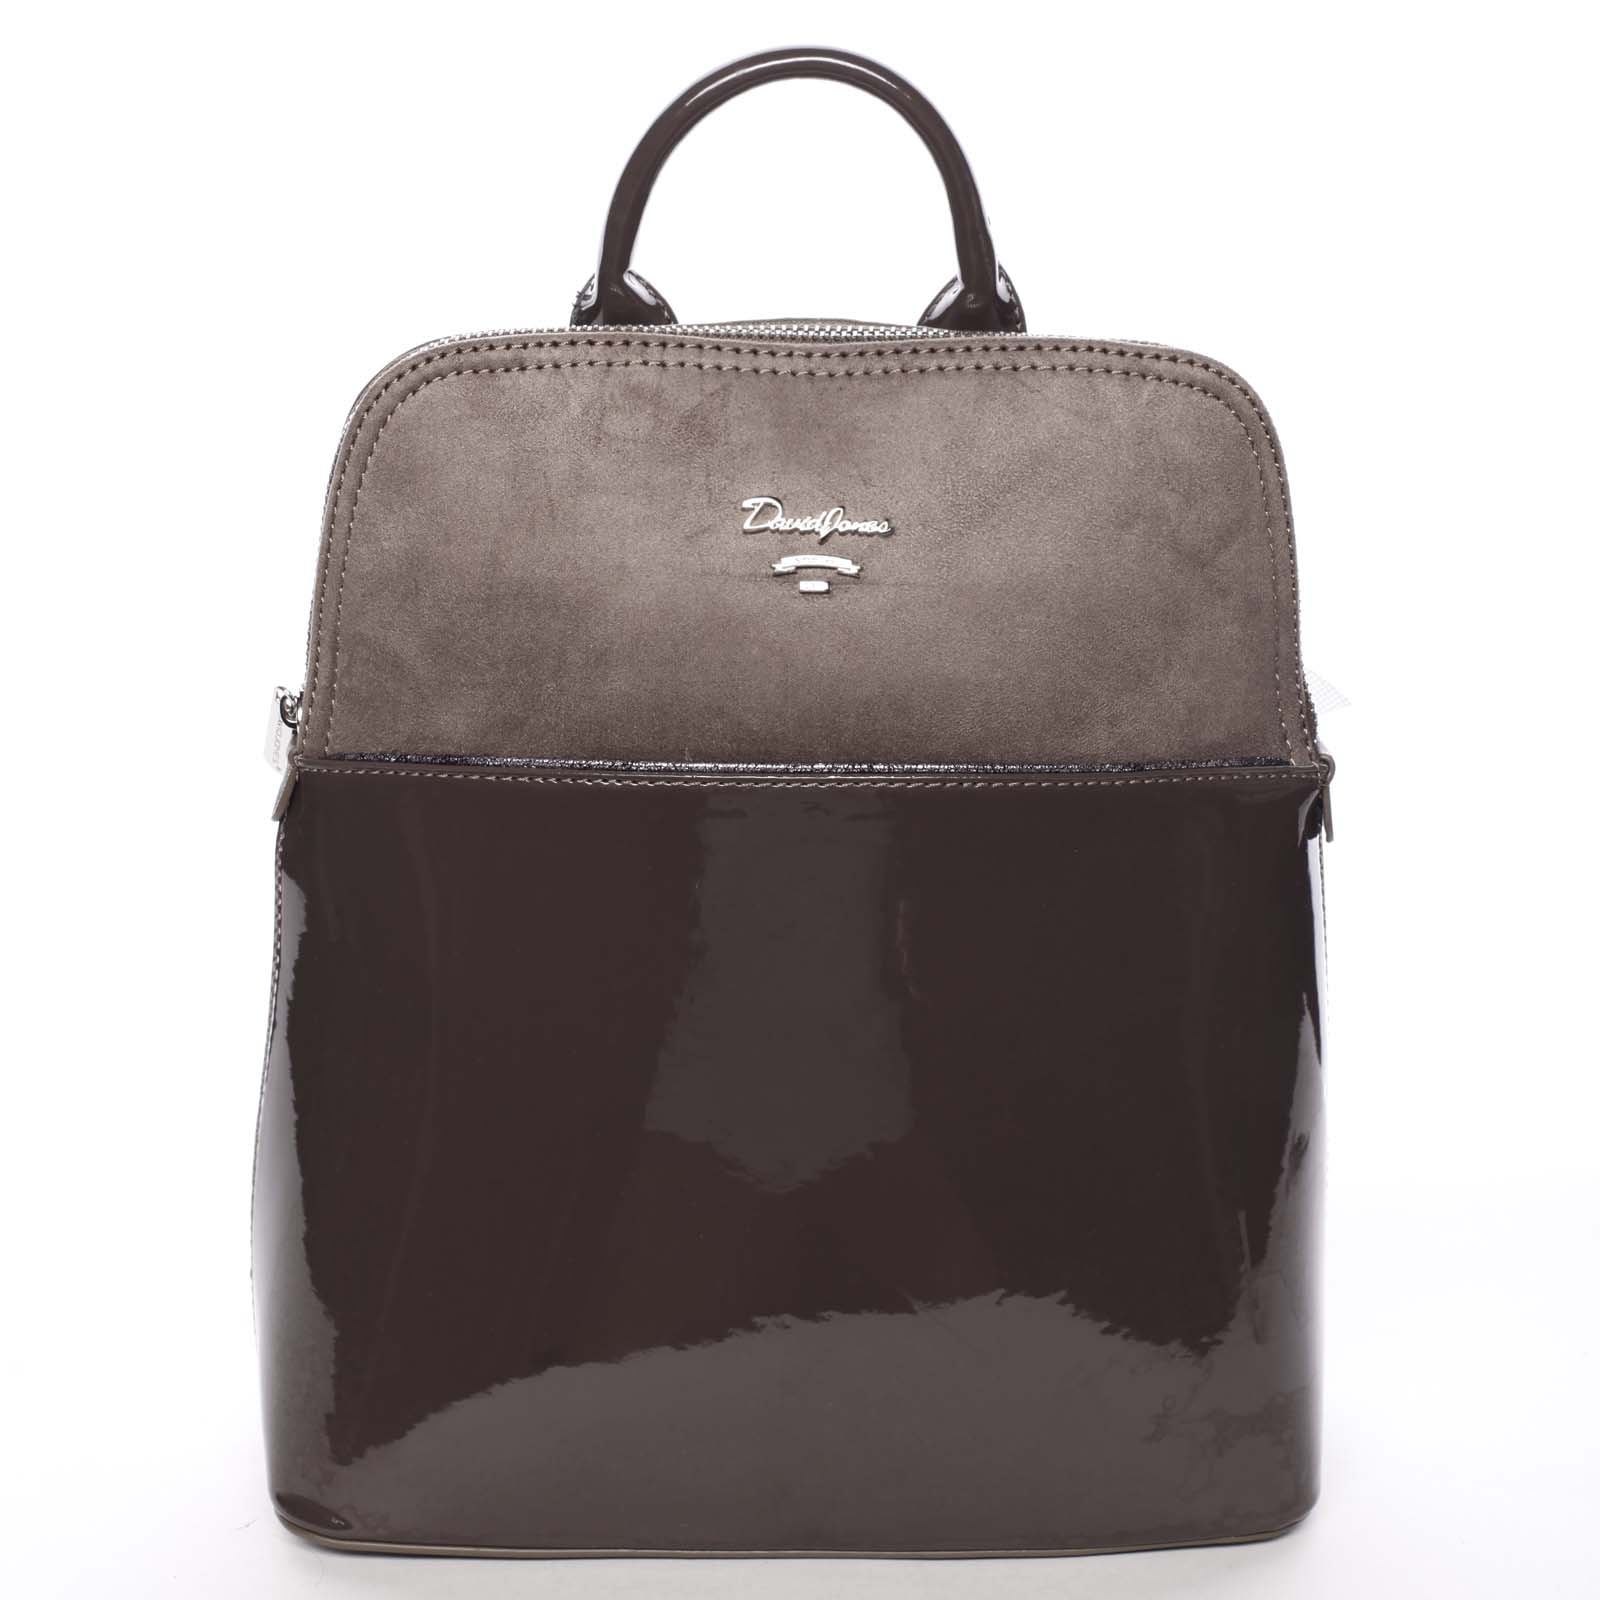 Atraktivní městský lakovaný batůžek tmavě hnědý - David Jones Diondre